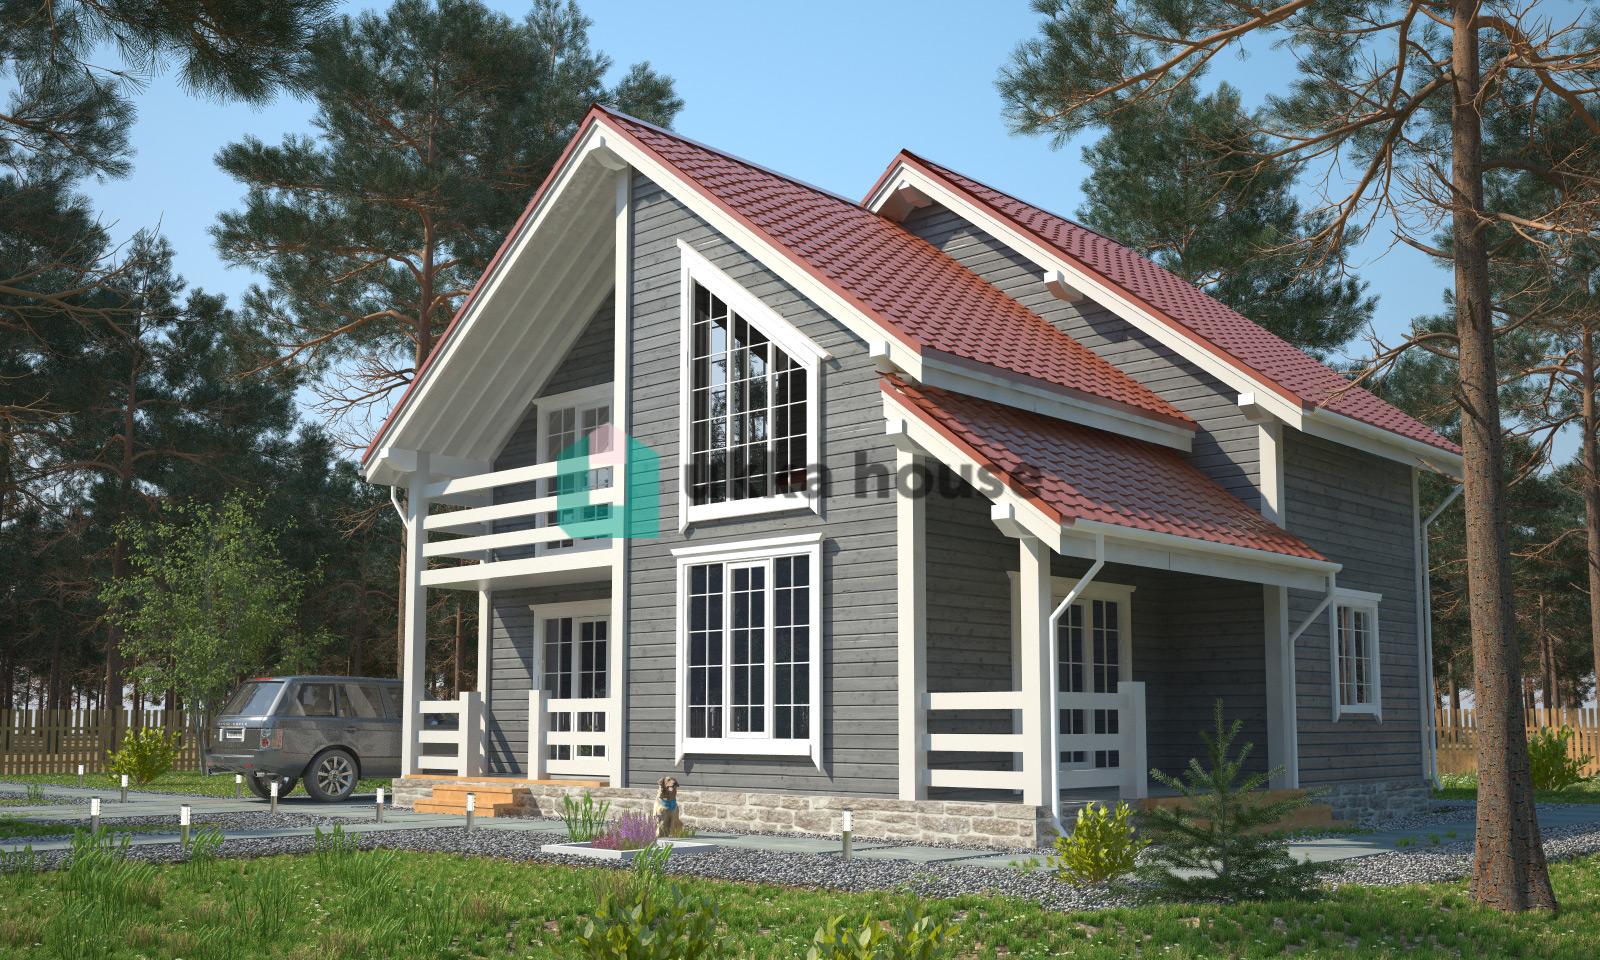 Проект «Строительство домов в СПБ и Лен. области, проект загородного дома